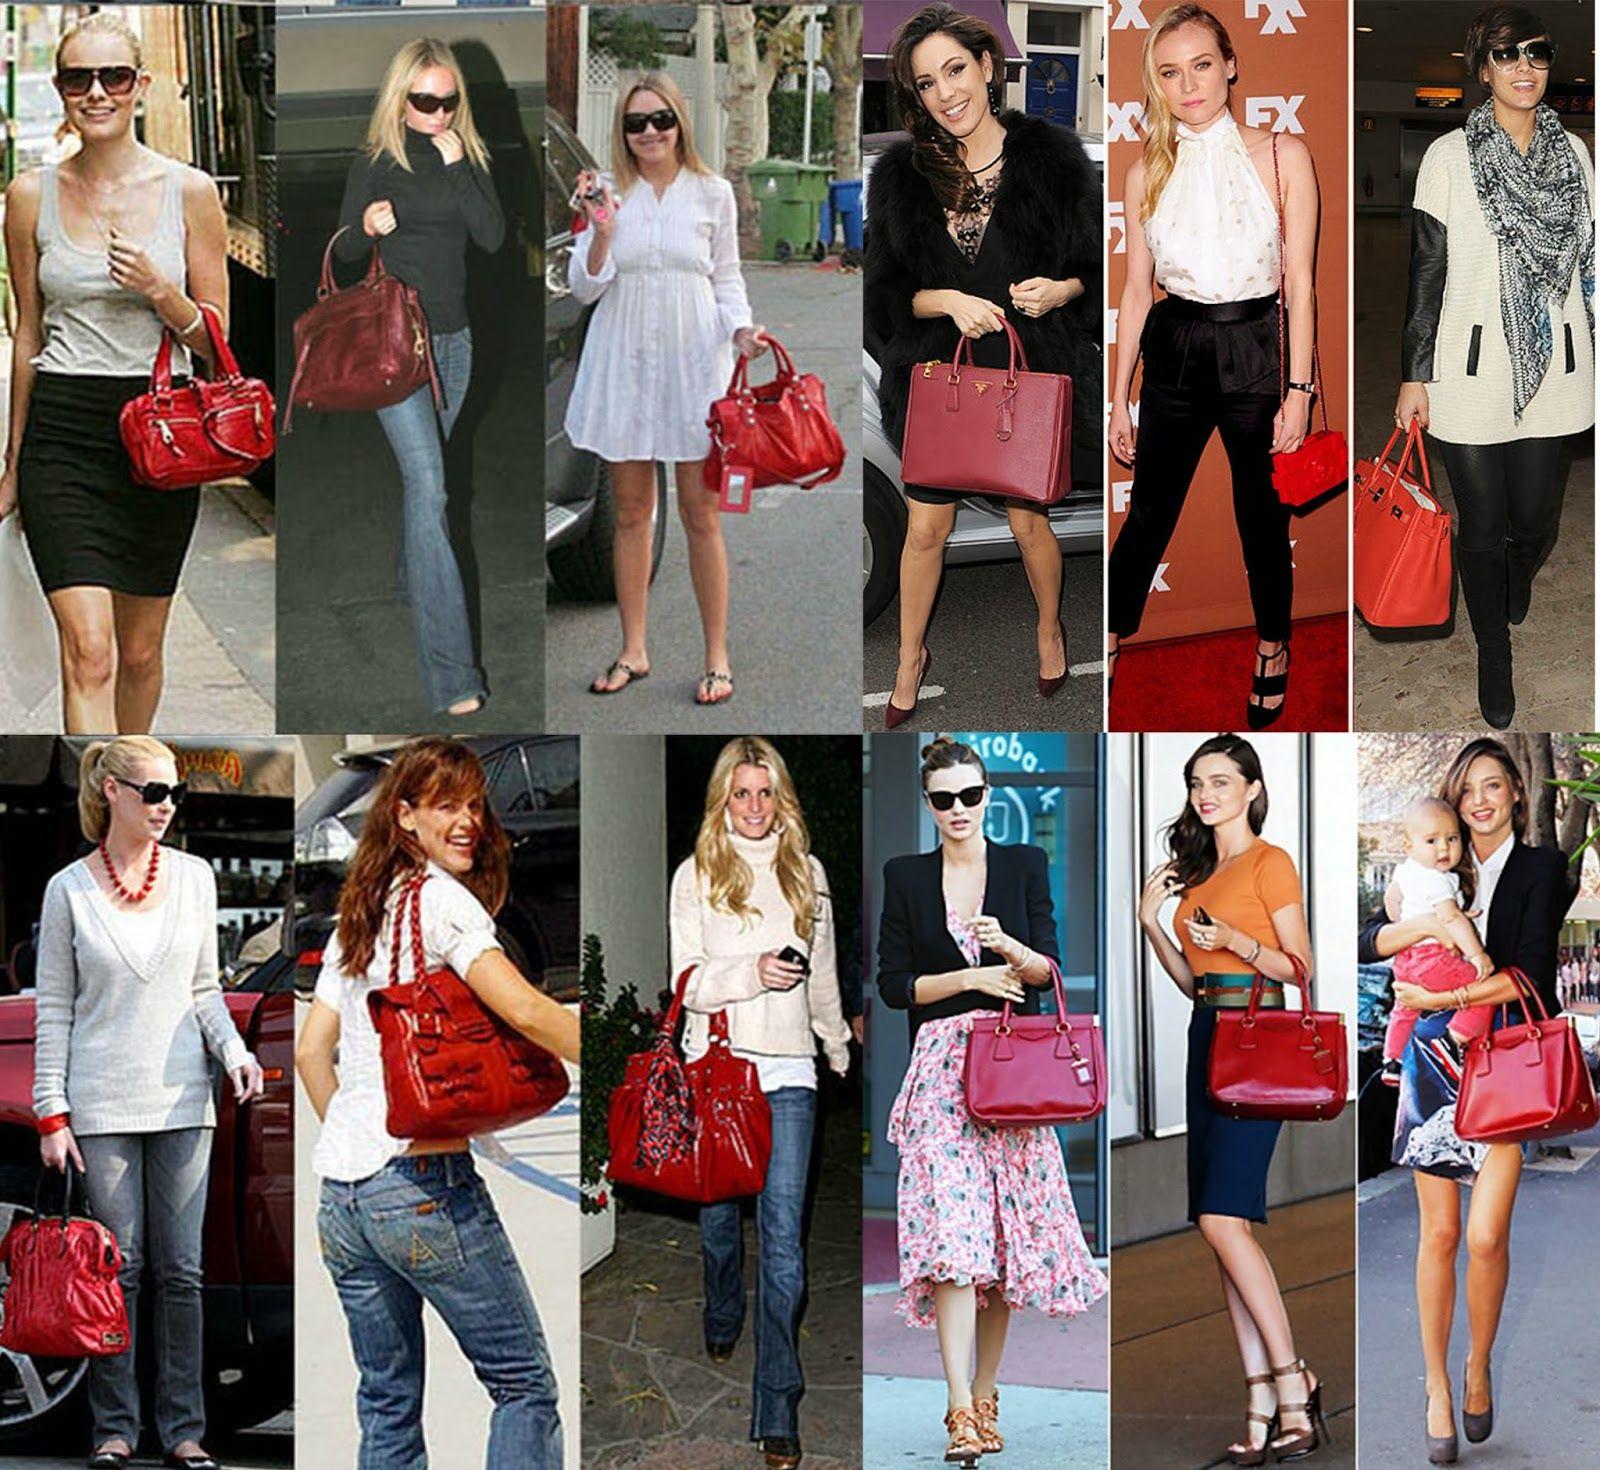 Atrizes e fashionistas usando looks variados com bolsas femininas vermelha.